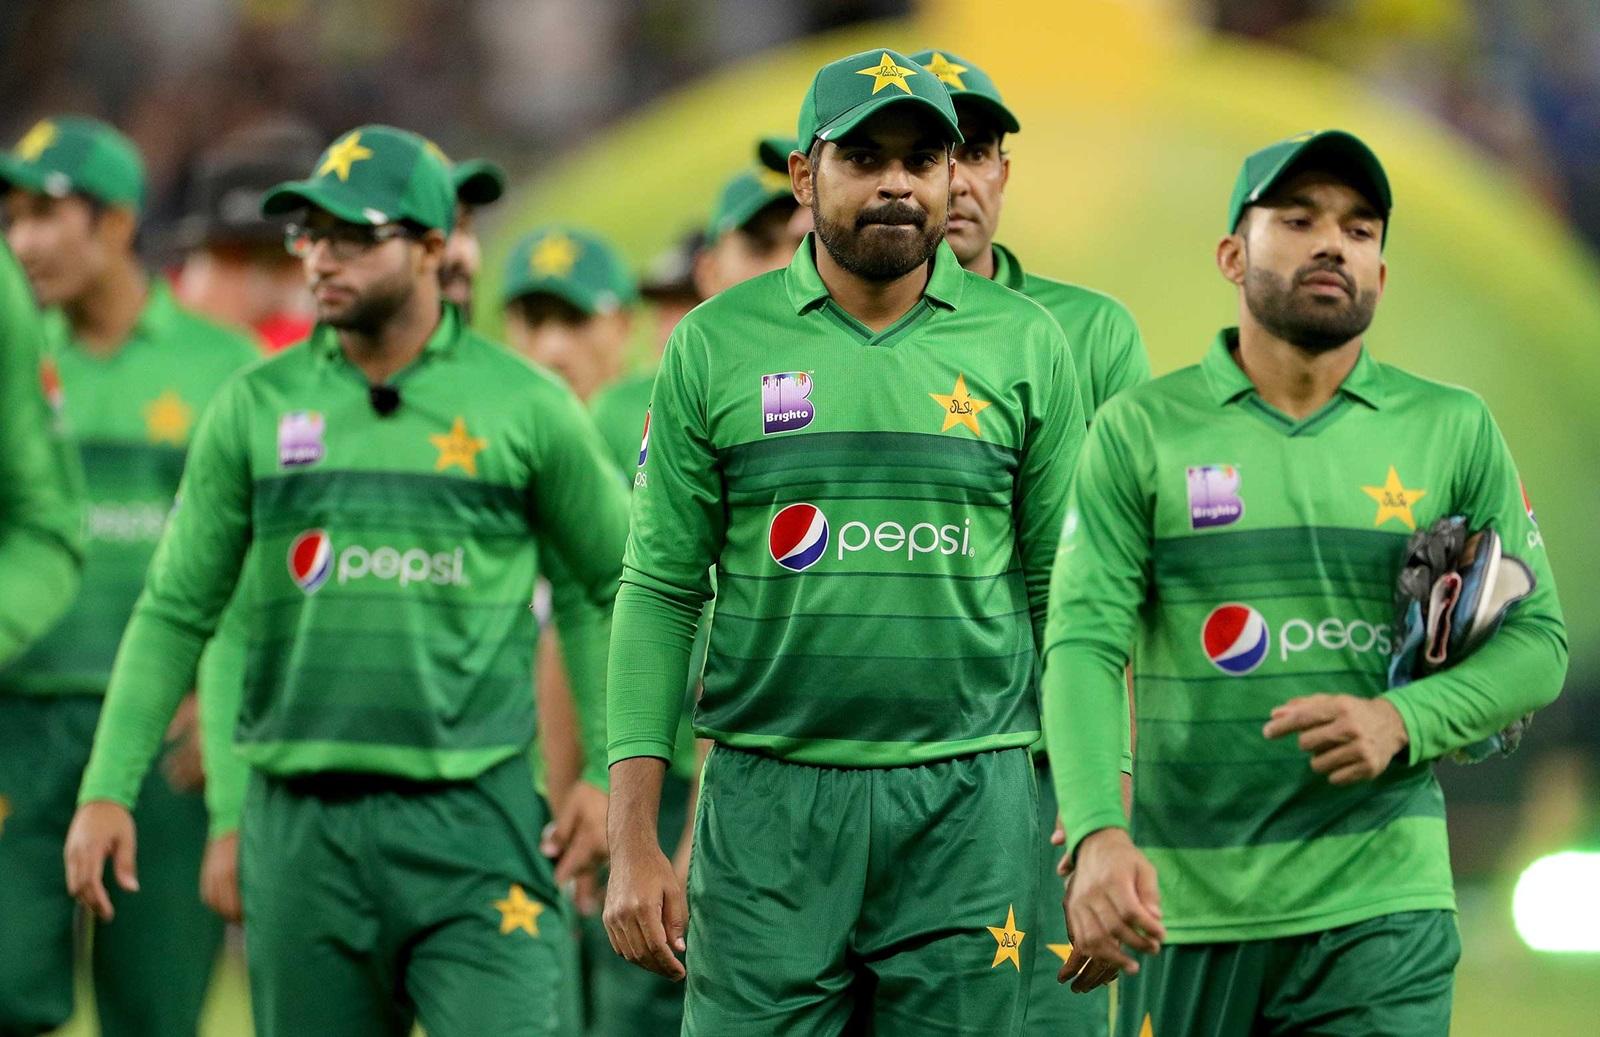 इस पाकिस्तानी क्रिकेटर का हुआ निधन, शोक में डूबा क्रिकेट जगत 1